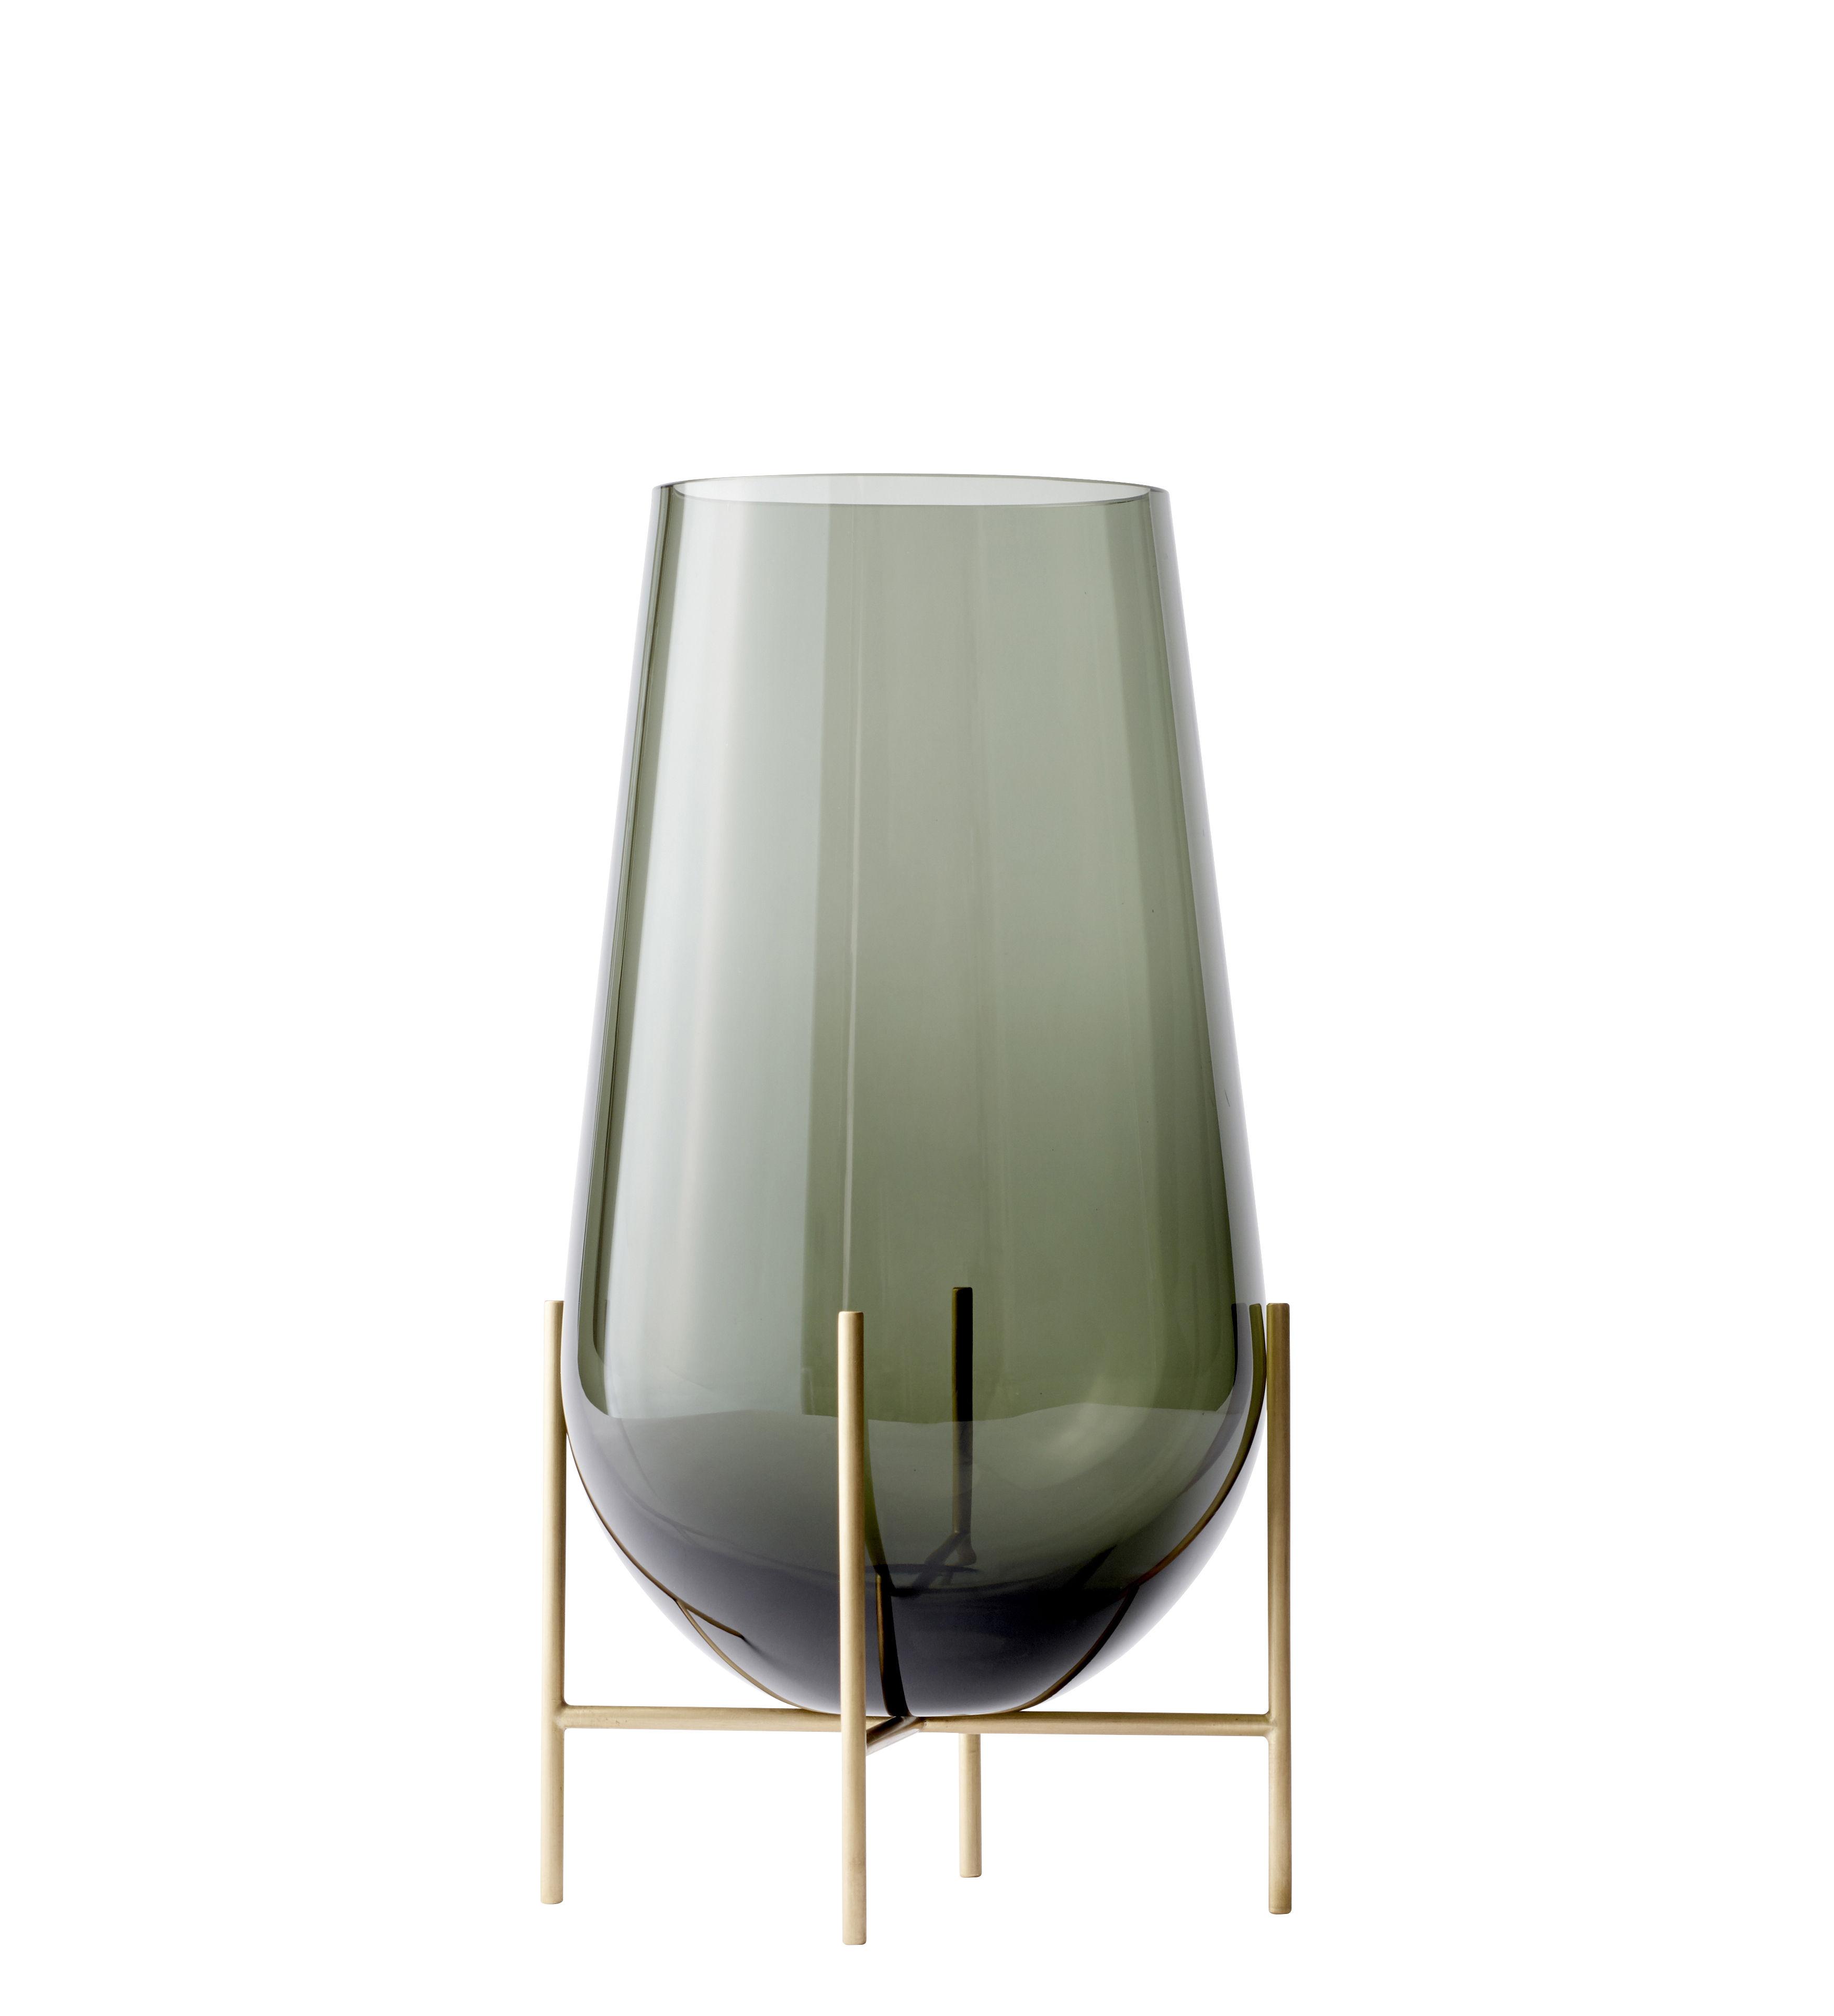 Interni - Vasi - Vaso Echasse Medium - / H 45 cm di Menu - H 45 cm / Fumé & ottone - Laiton massif, Vetro